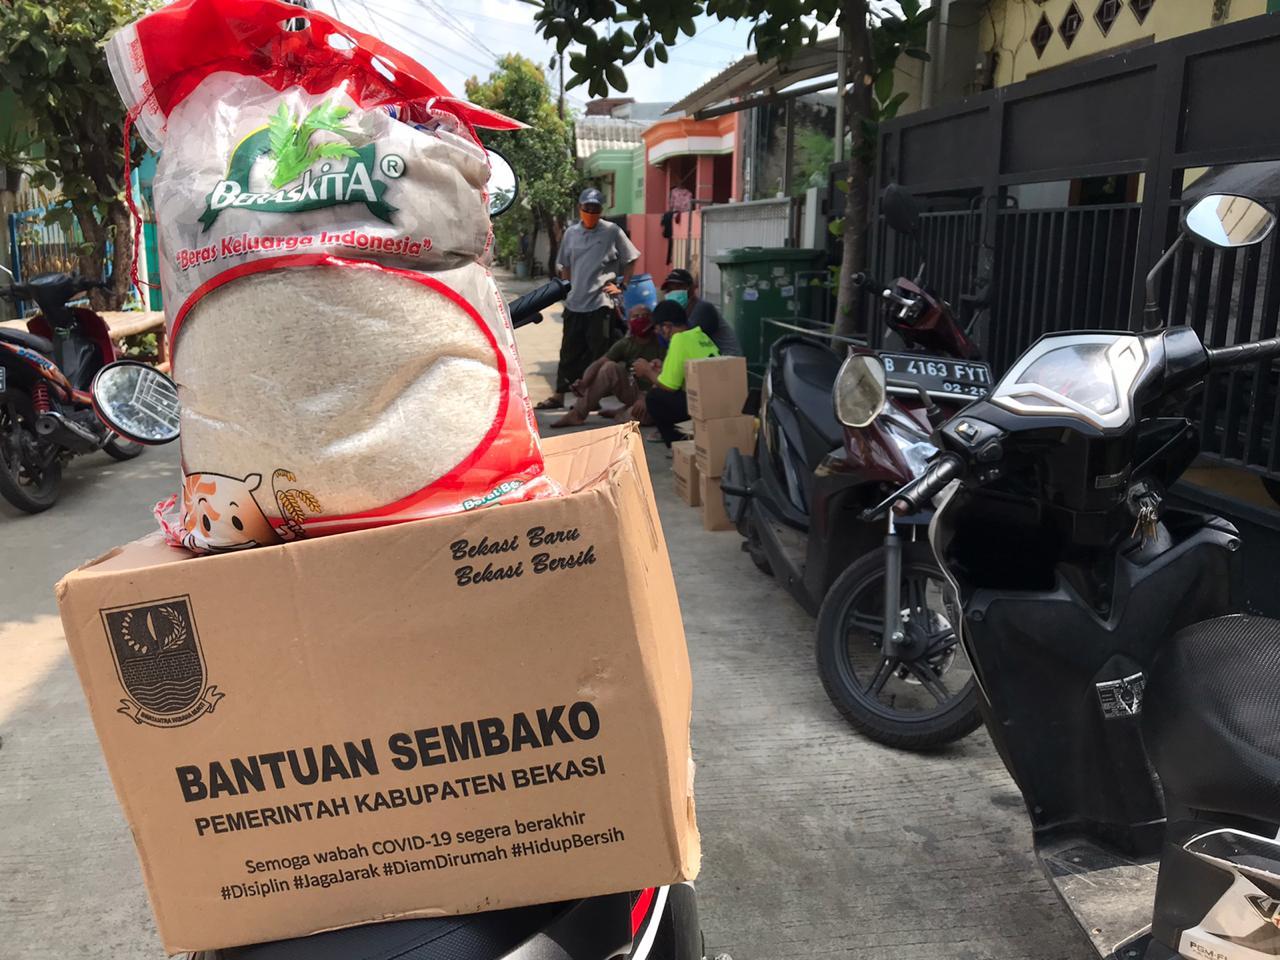 Bantuan Sembako Pemkab Bekasi tidak Merata dan tidak Tepat Sasaran BEKASIMEDIA.COM